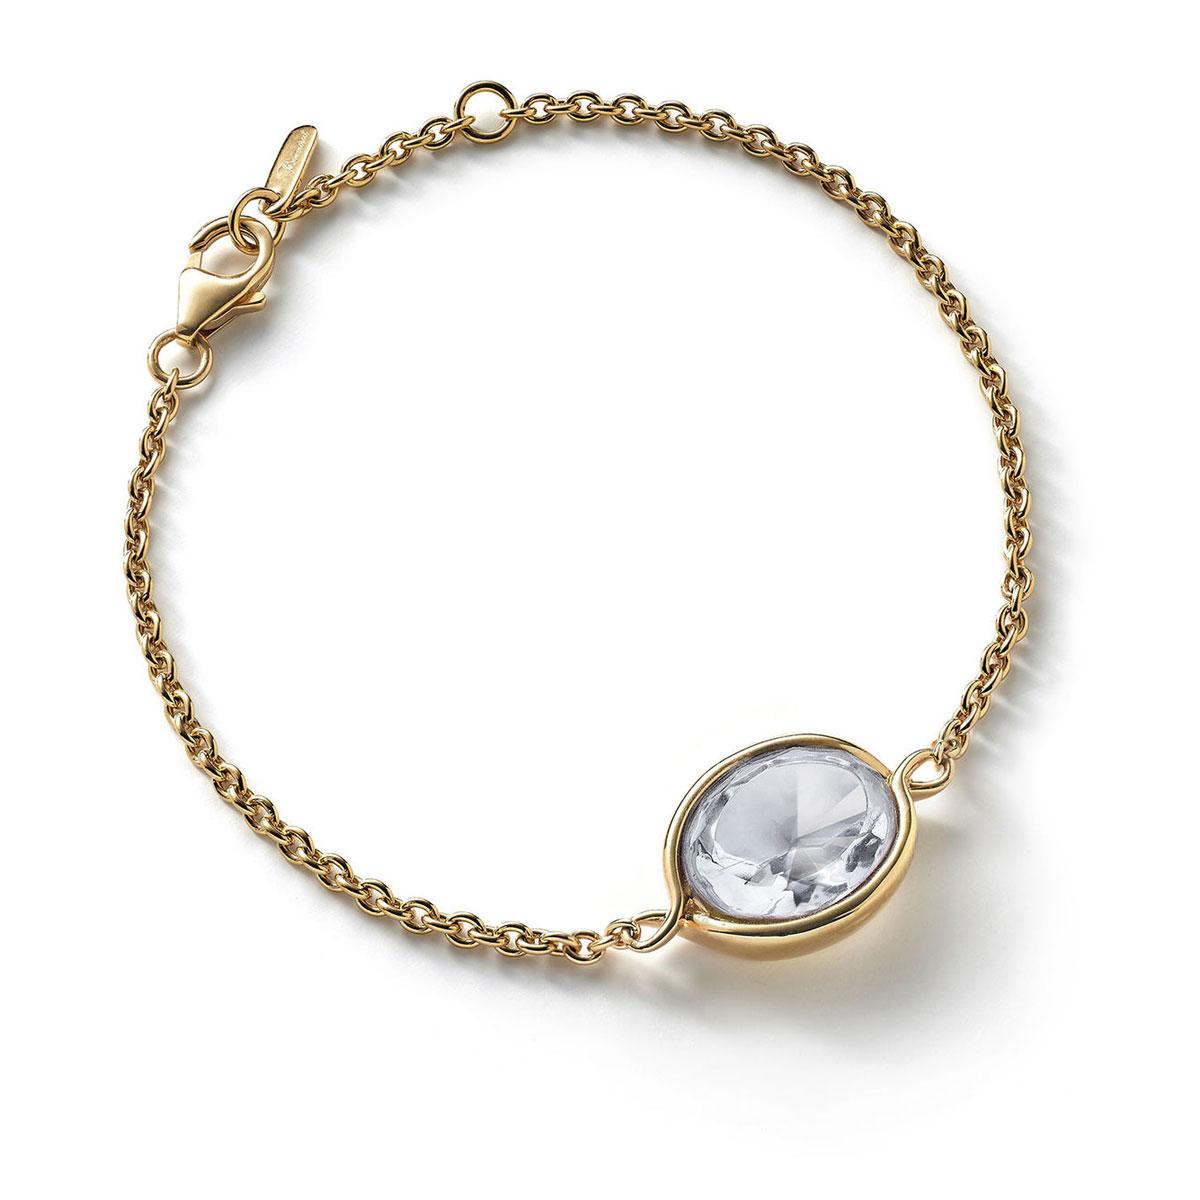 Baccarat Croise Bracelet Vermeil Gold, Clear